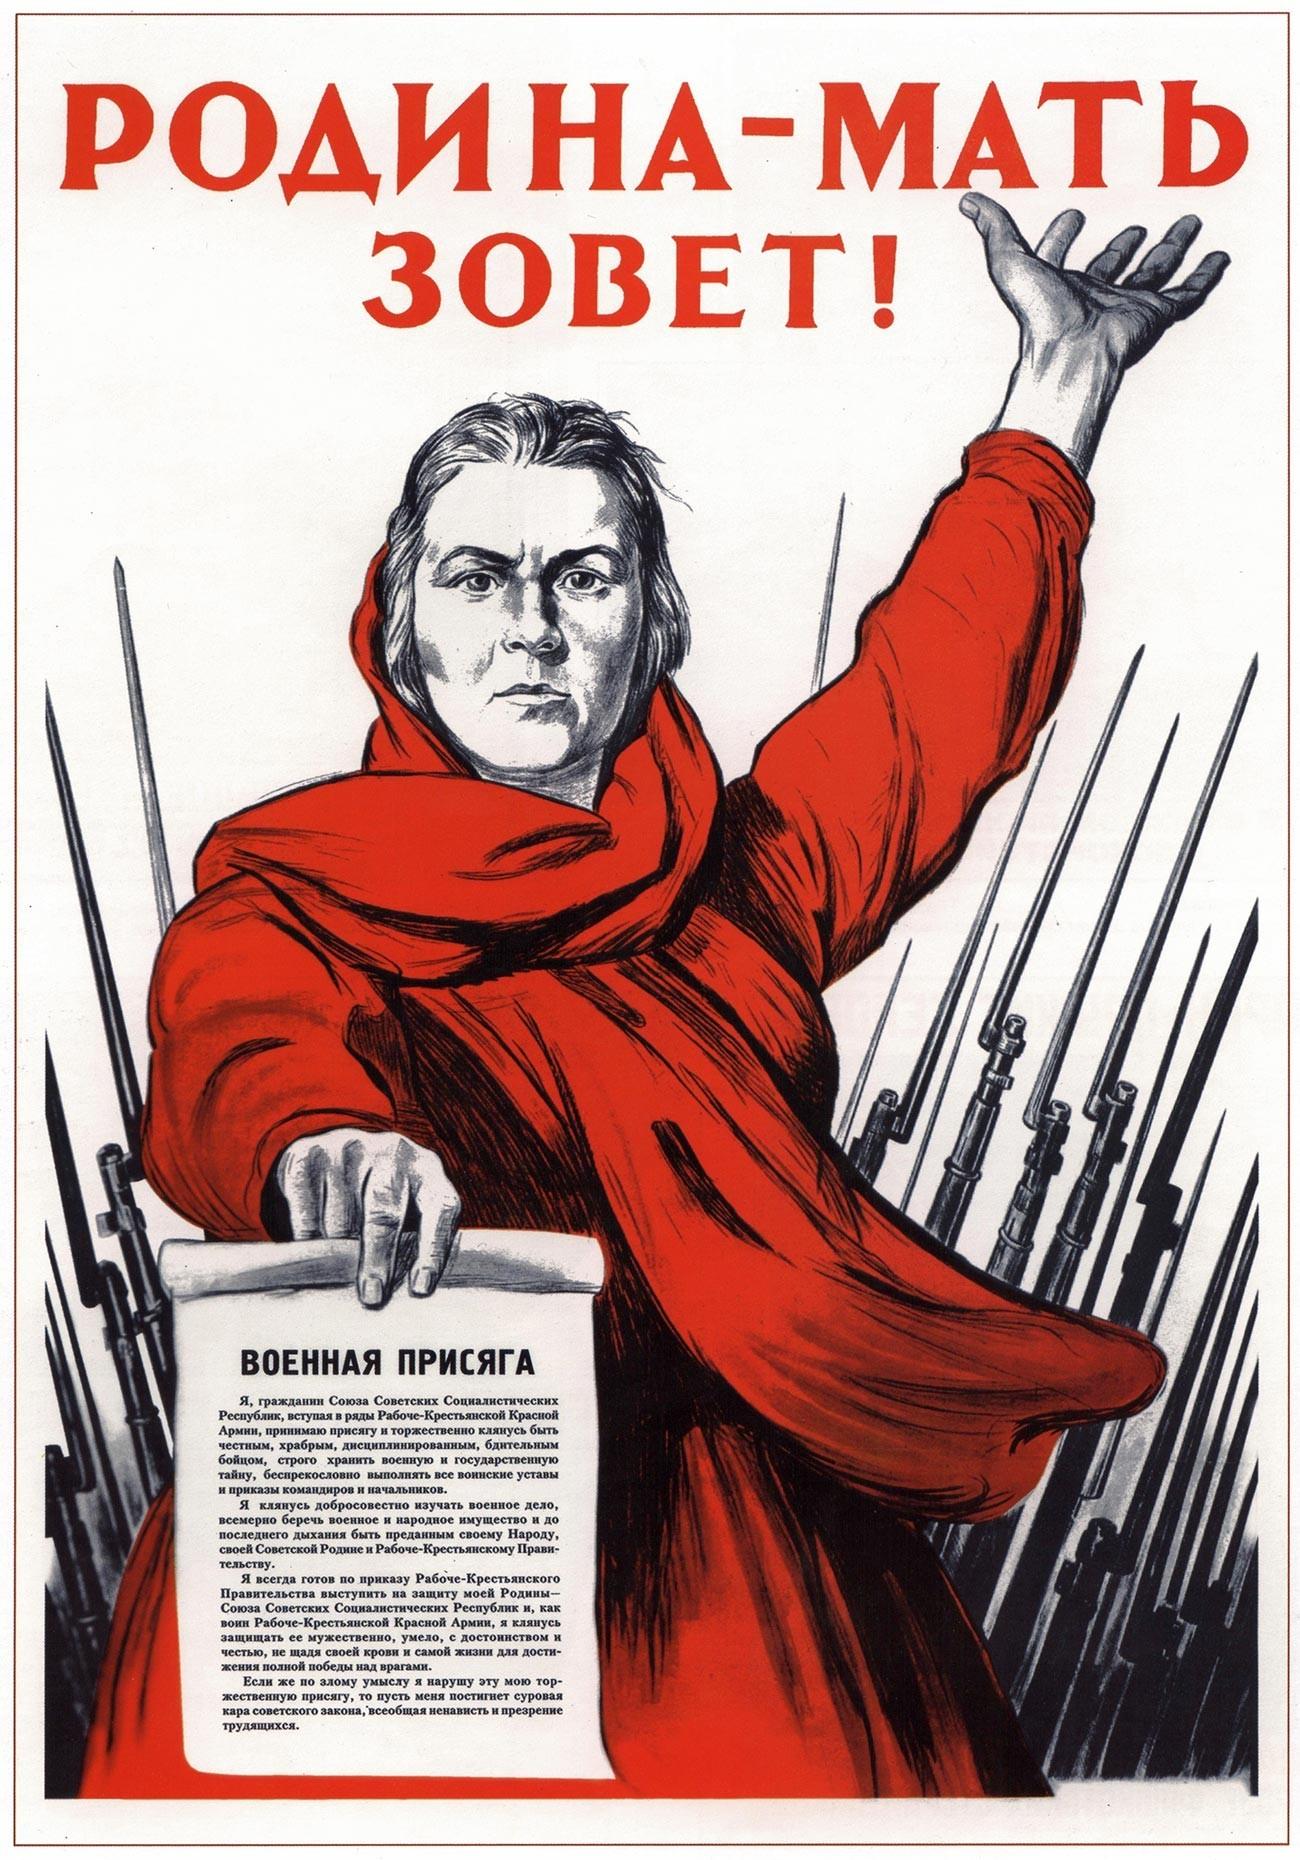 Sovjetski plakat